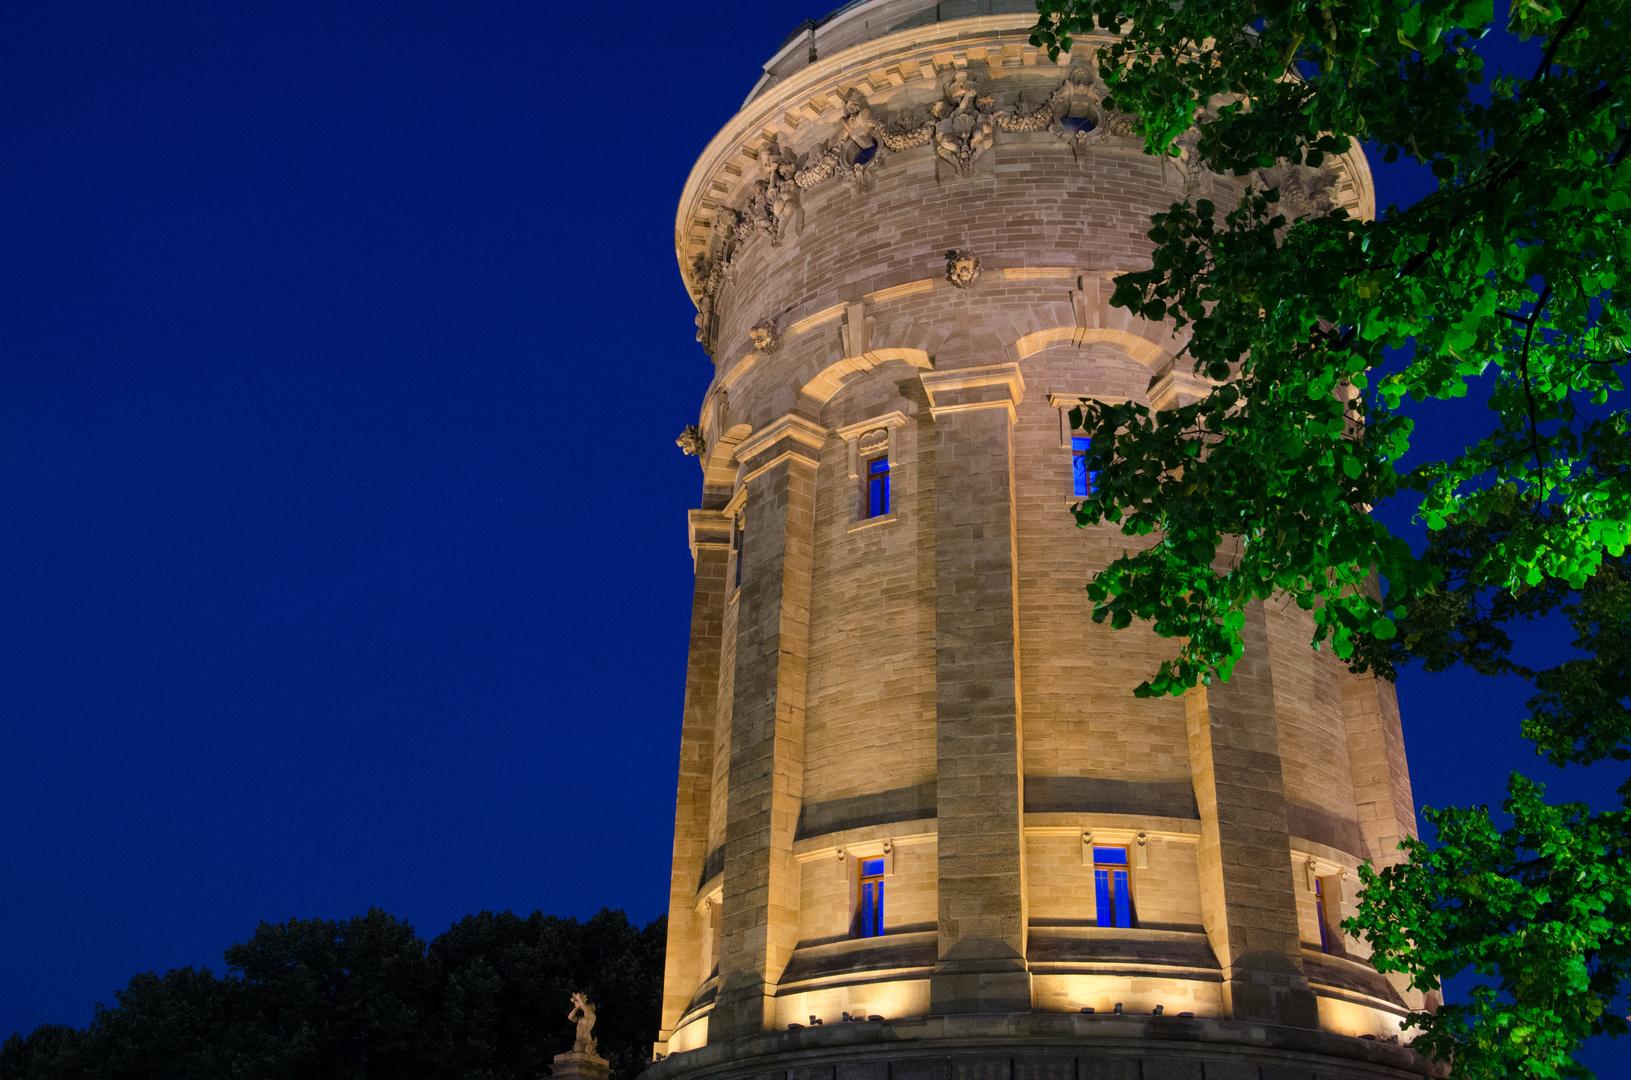 Wasserturm zur Blauen Stunde